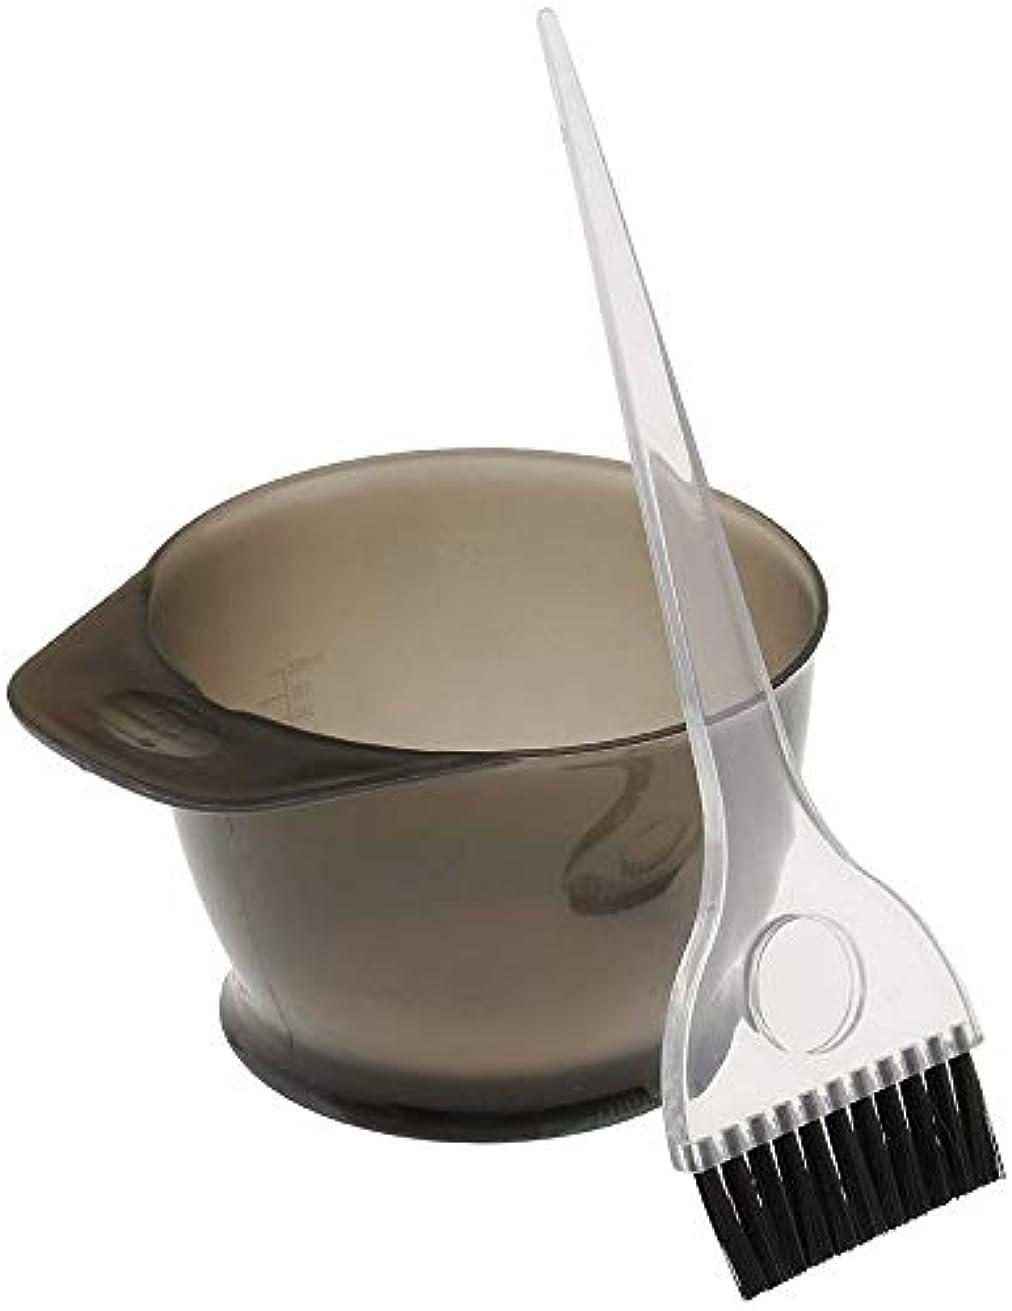 忌避剤落ち着くチキンヘアカラーリング 染色ボウル くしブラシ 色合いツール セットする に適う サロン理髪 ホーム 個人的な使用 (グレー)